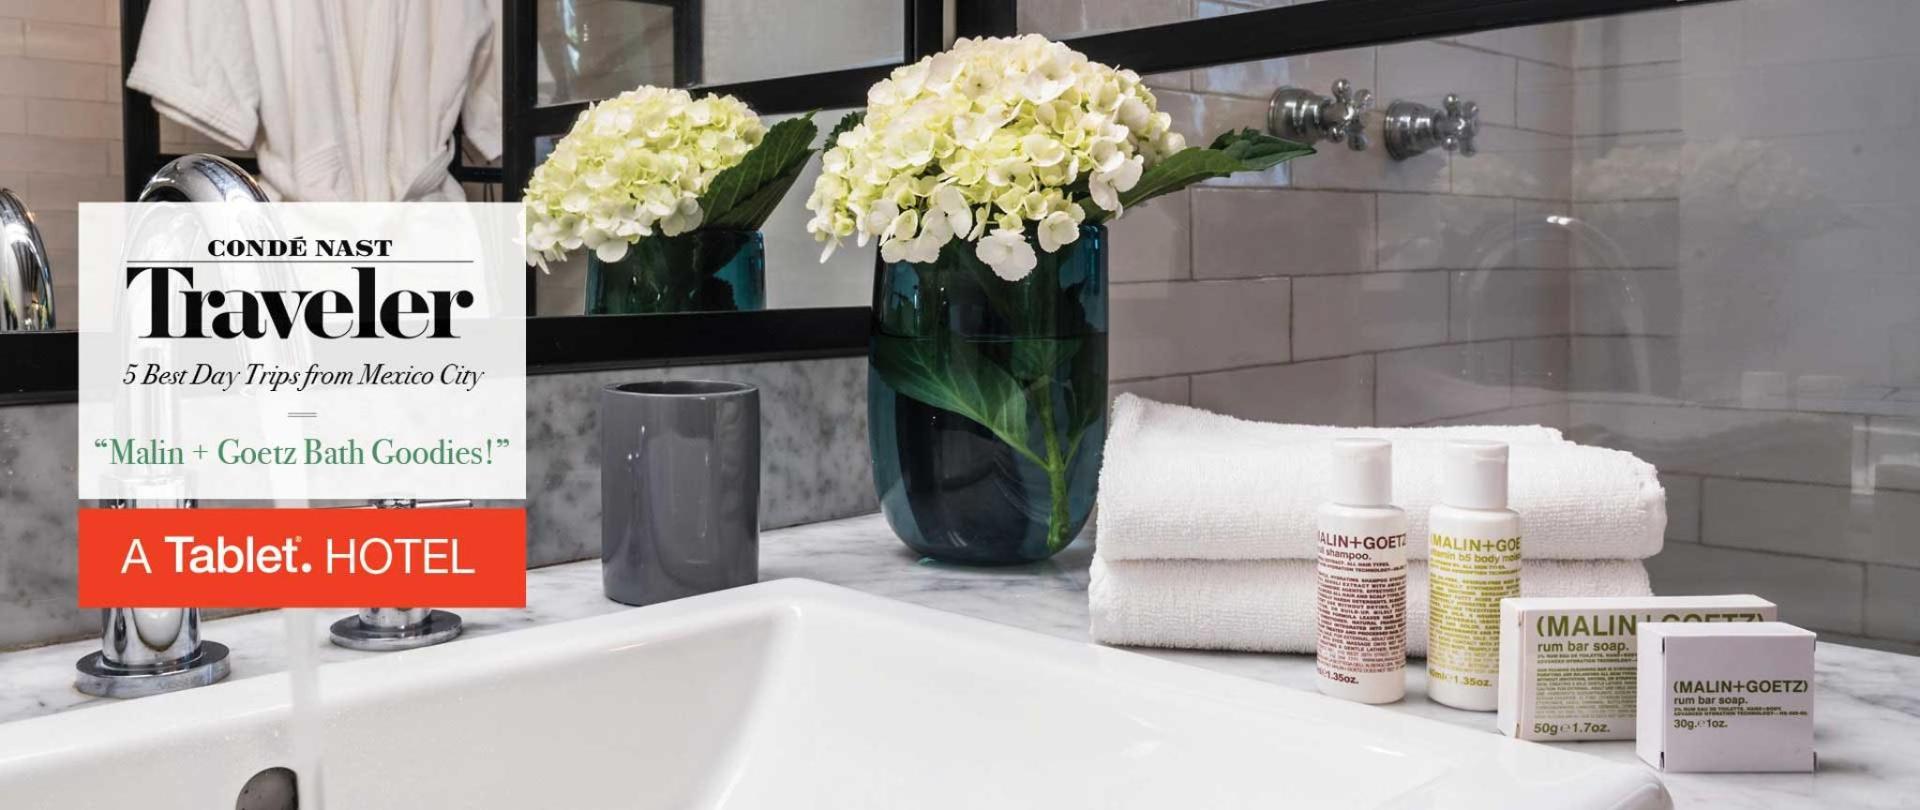 Todas nuestras habitaciones vienen abastecidas con artículos de tocador Malin + Goetz: Una de las mejores amenidades de baño de hotel. Las Casas B+B Boutique Hotel, Spa & Restaurante. The best boutique bed and breakfast in Cuernavaca